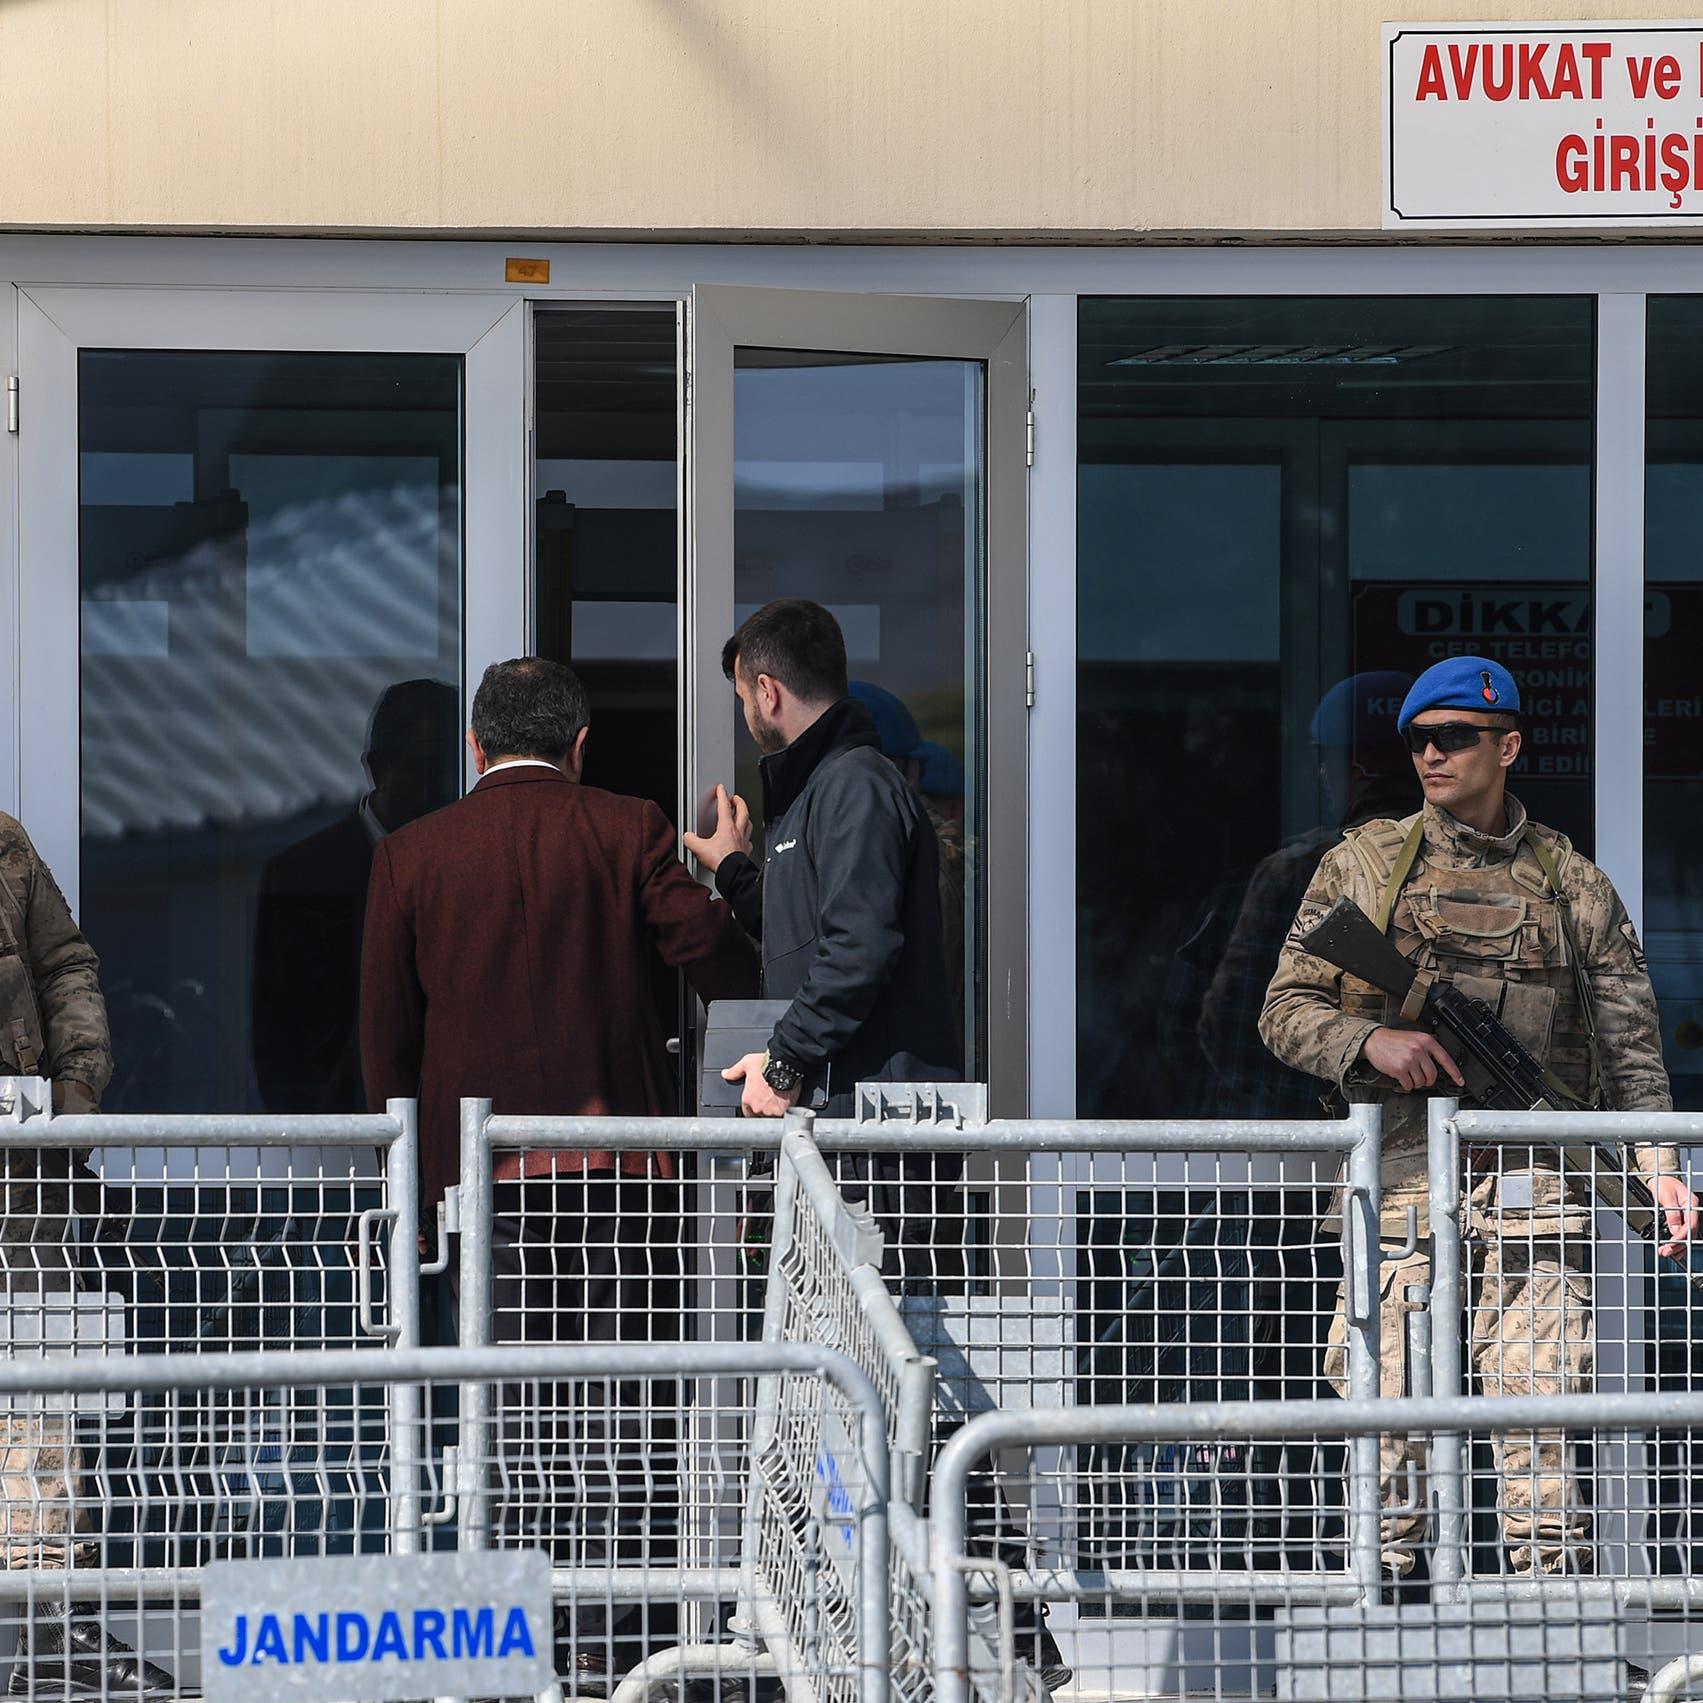 """44 مصابا بسجن تركي.. ونائبة أوروبية """"أطلقوا المعتقلين"""""""